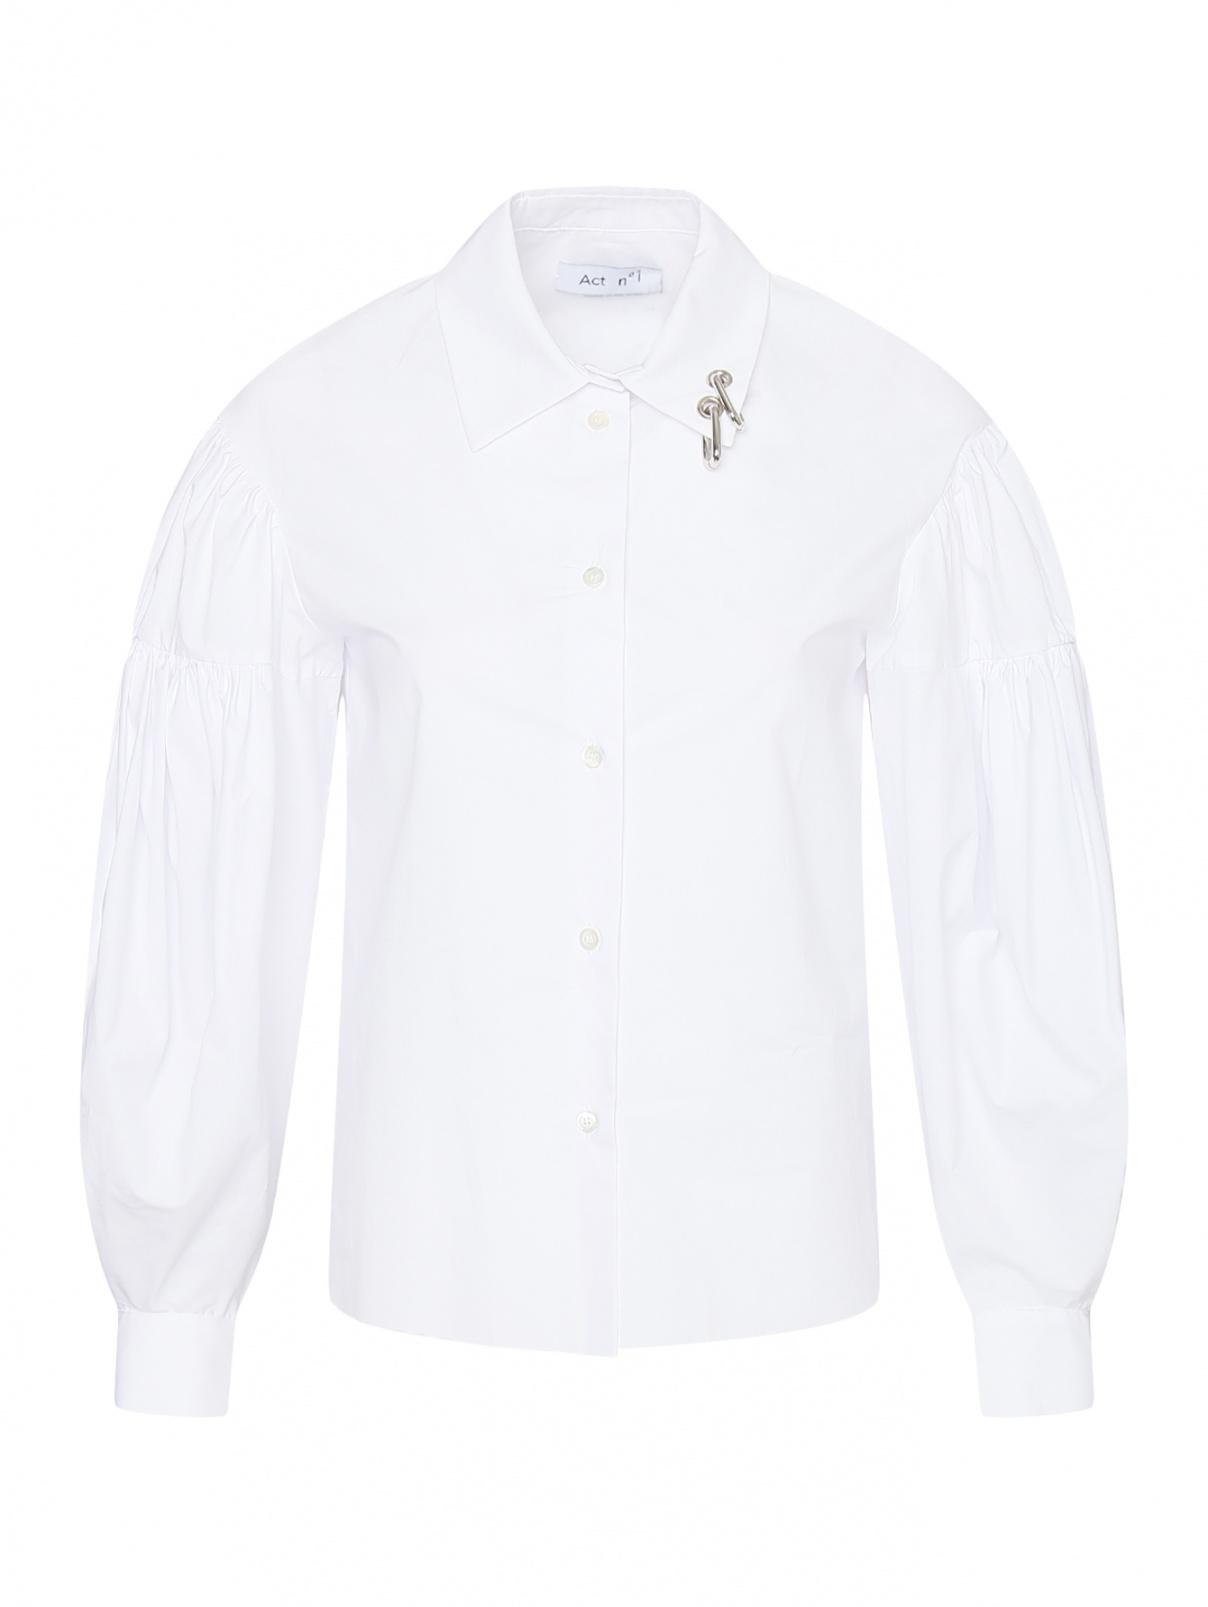 Рубашка из хлопка с объемными рукавами и металлическими аппликациями Act №1  –  Общий вид  – Цвет:  Белый